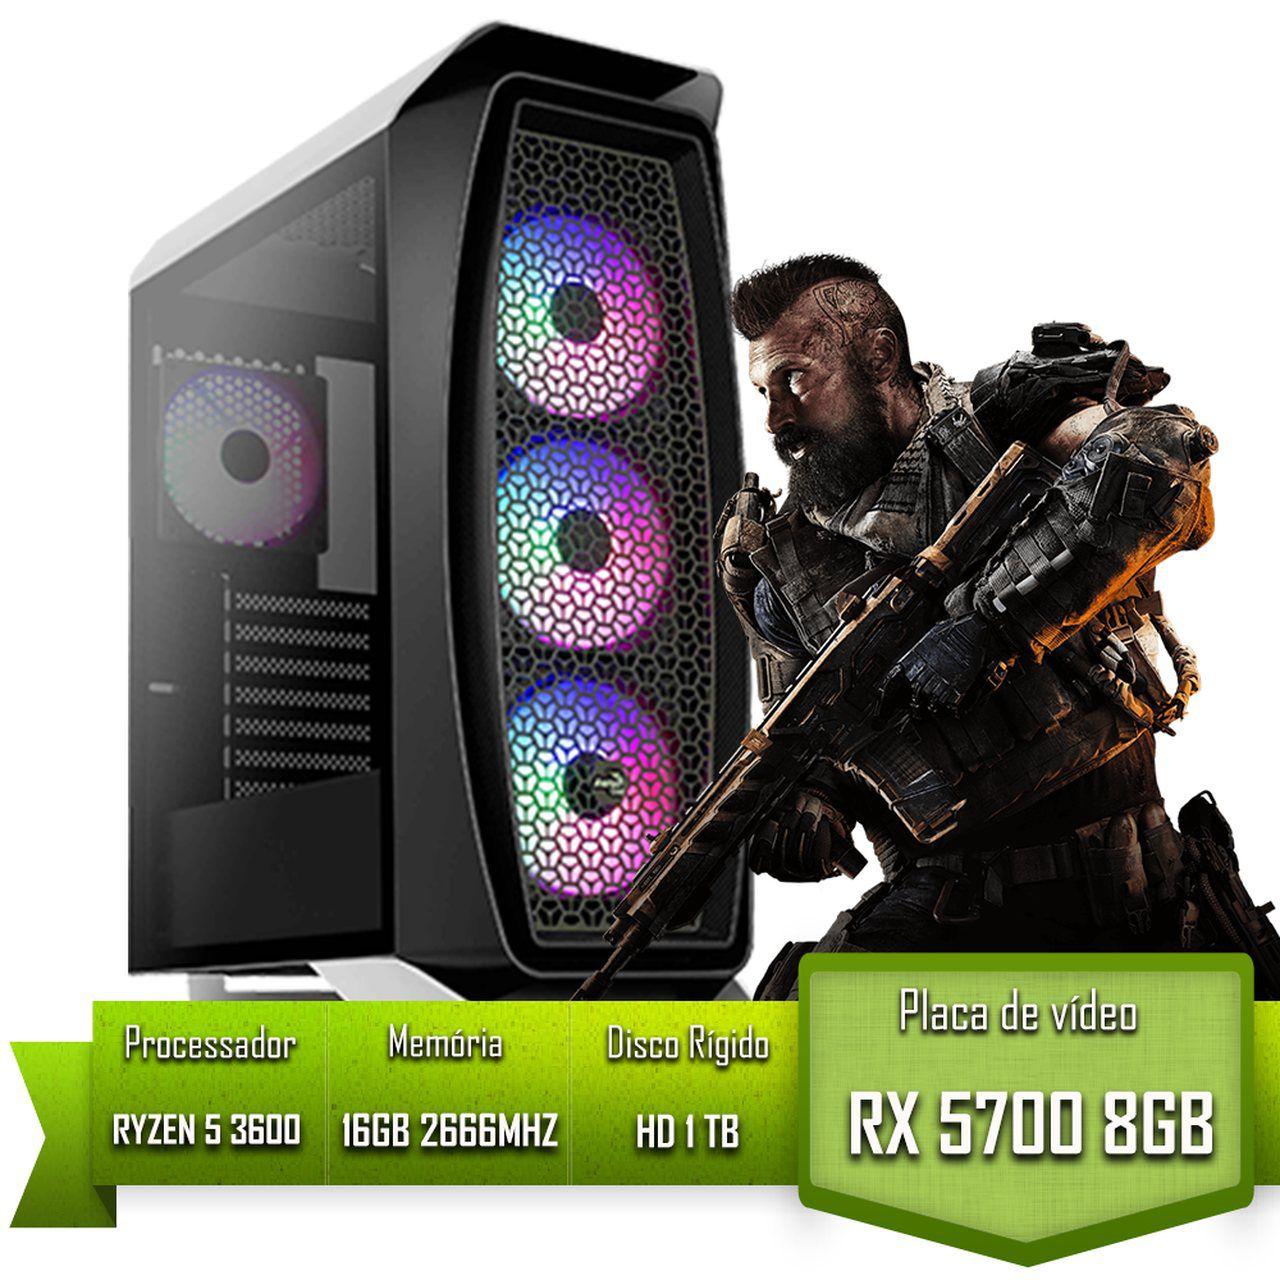 PC GAMER ALLIGATOR GAMING AMD RYZEN 5 3600 /  RX 5700 8GB / DDR4 16GB /HD 1TB